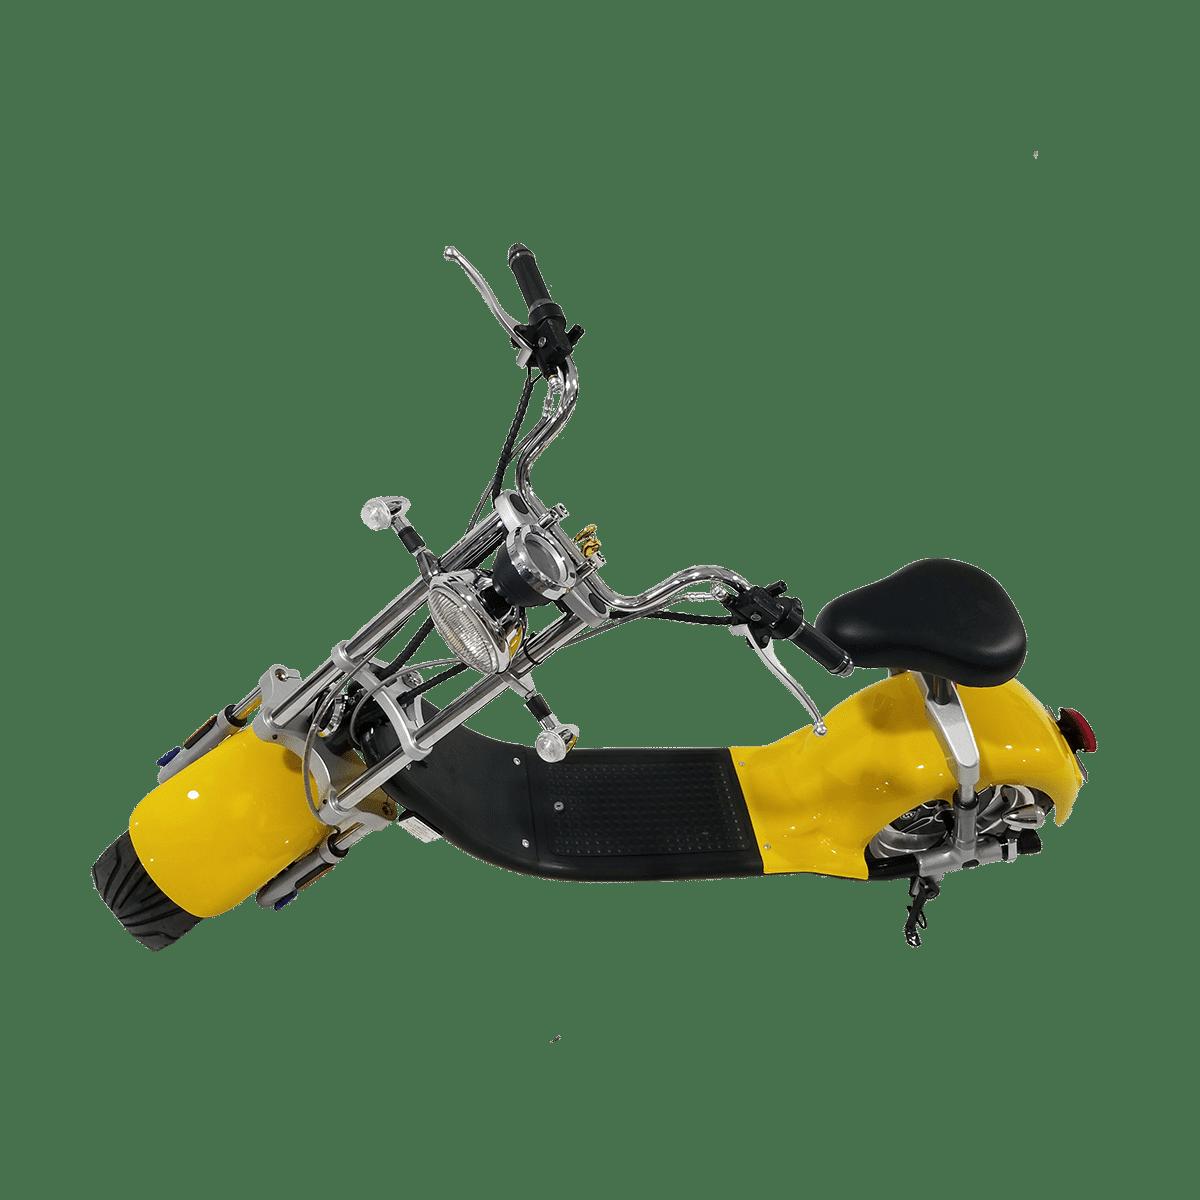 Citycoco Harley Deluxe Jaune 1190€ 8